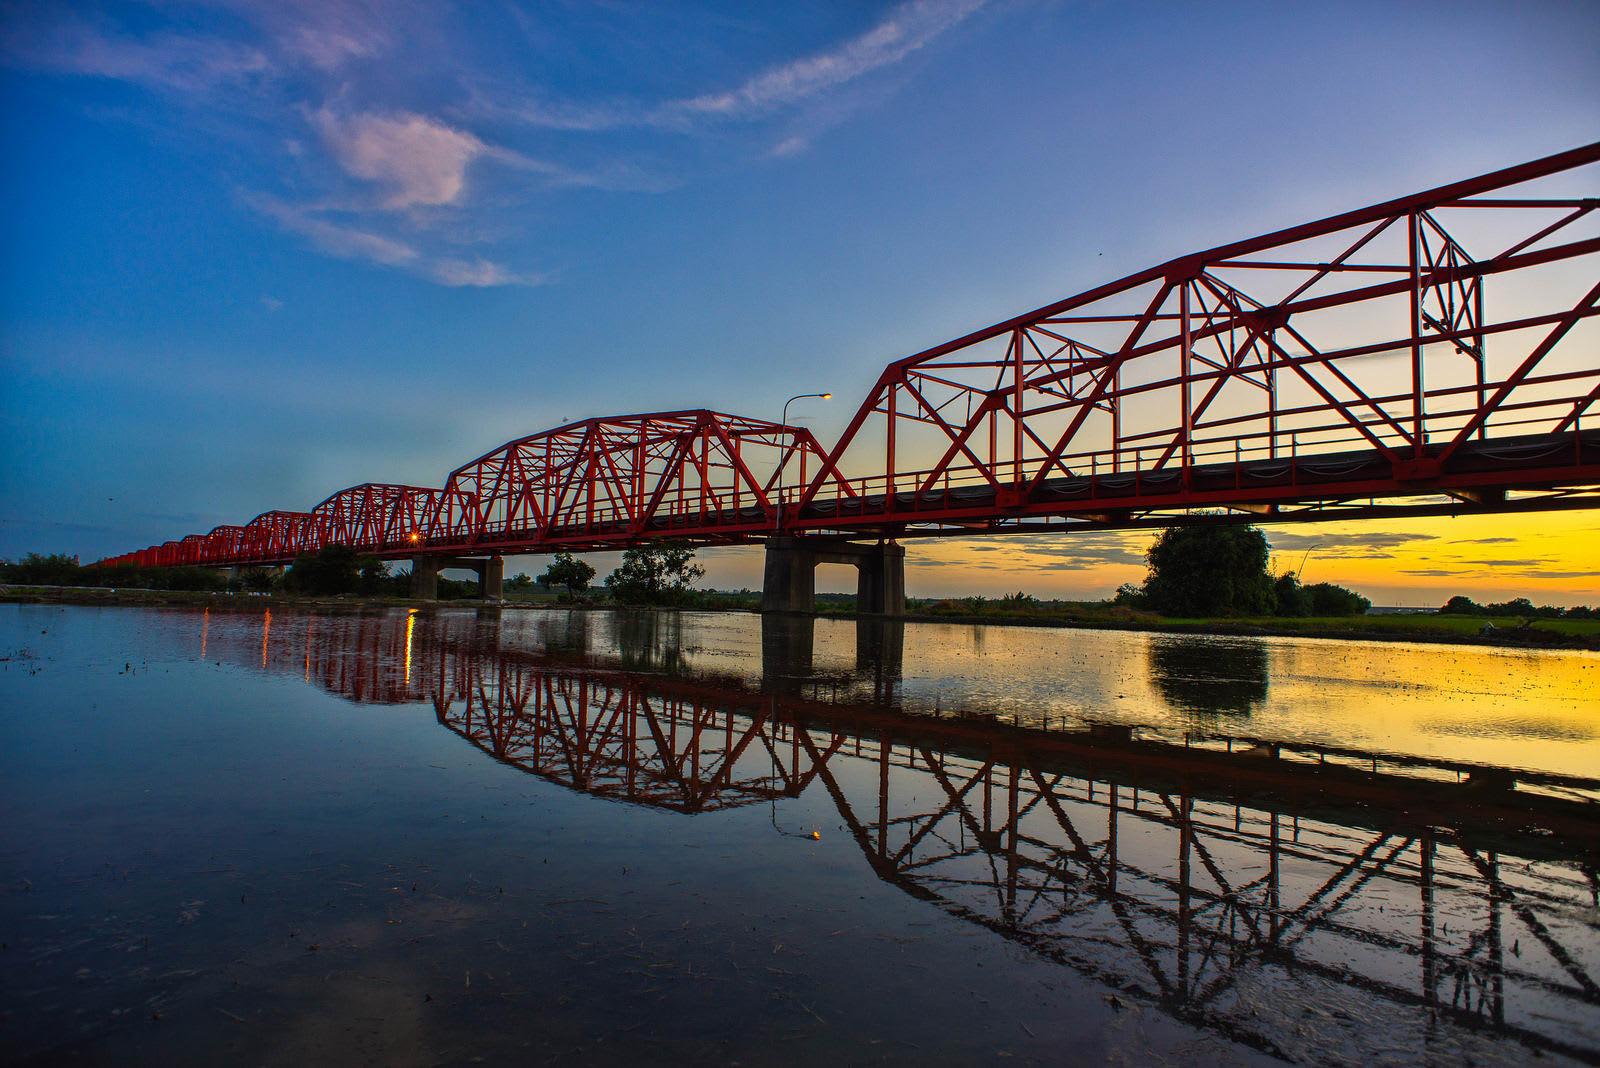 cầu xilou và ảnh phản chiếu trên sông